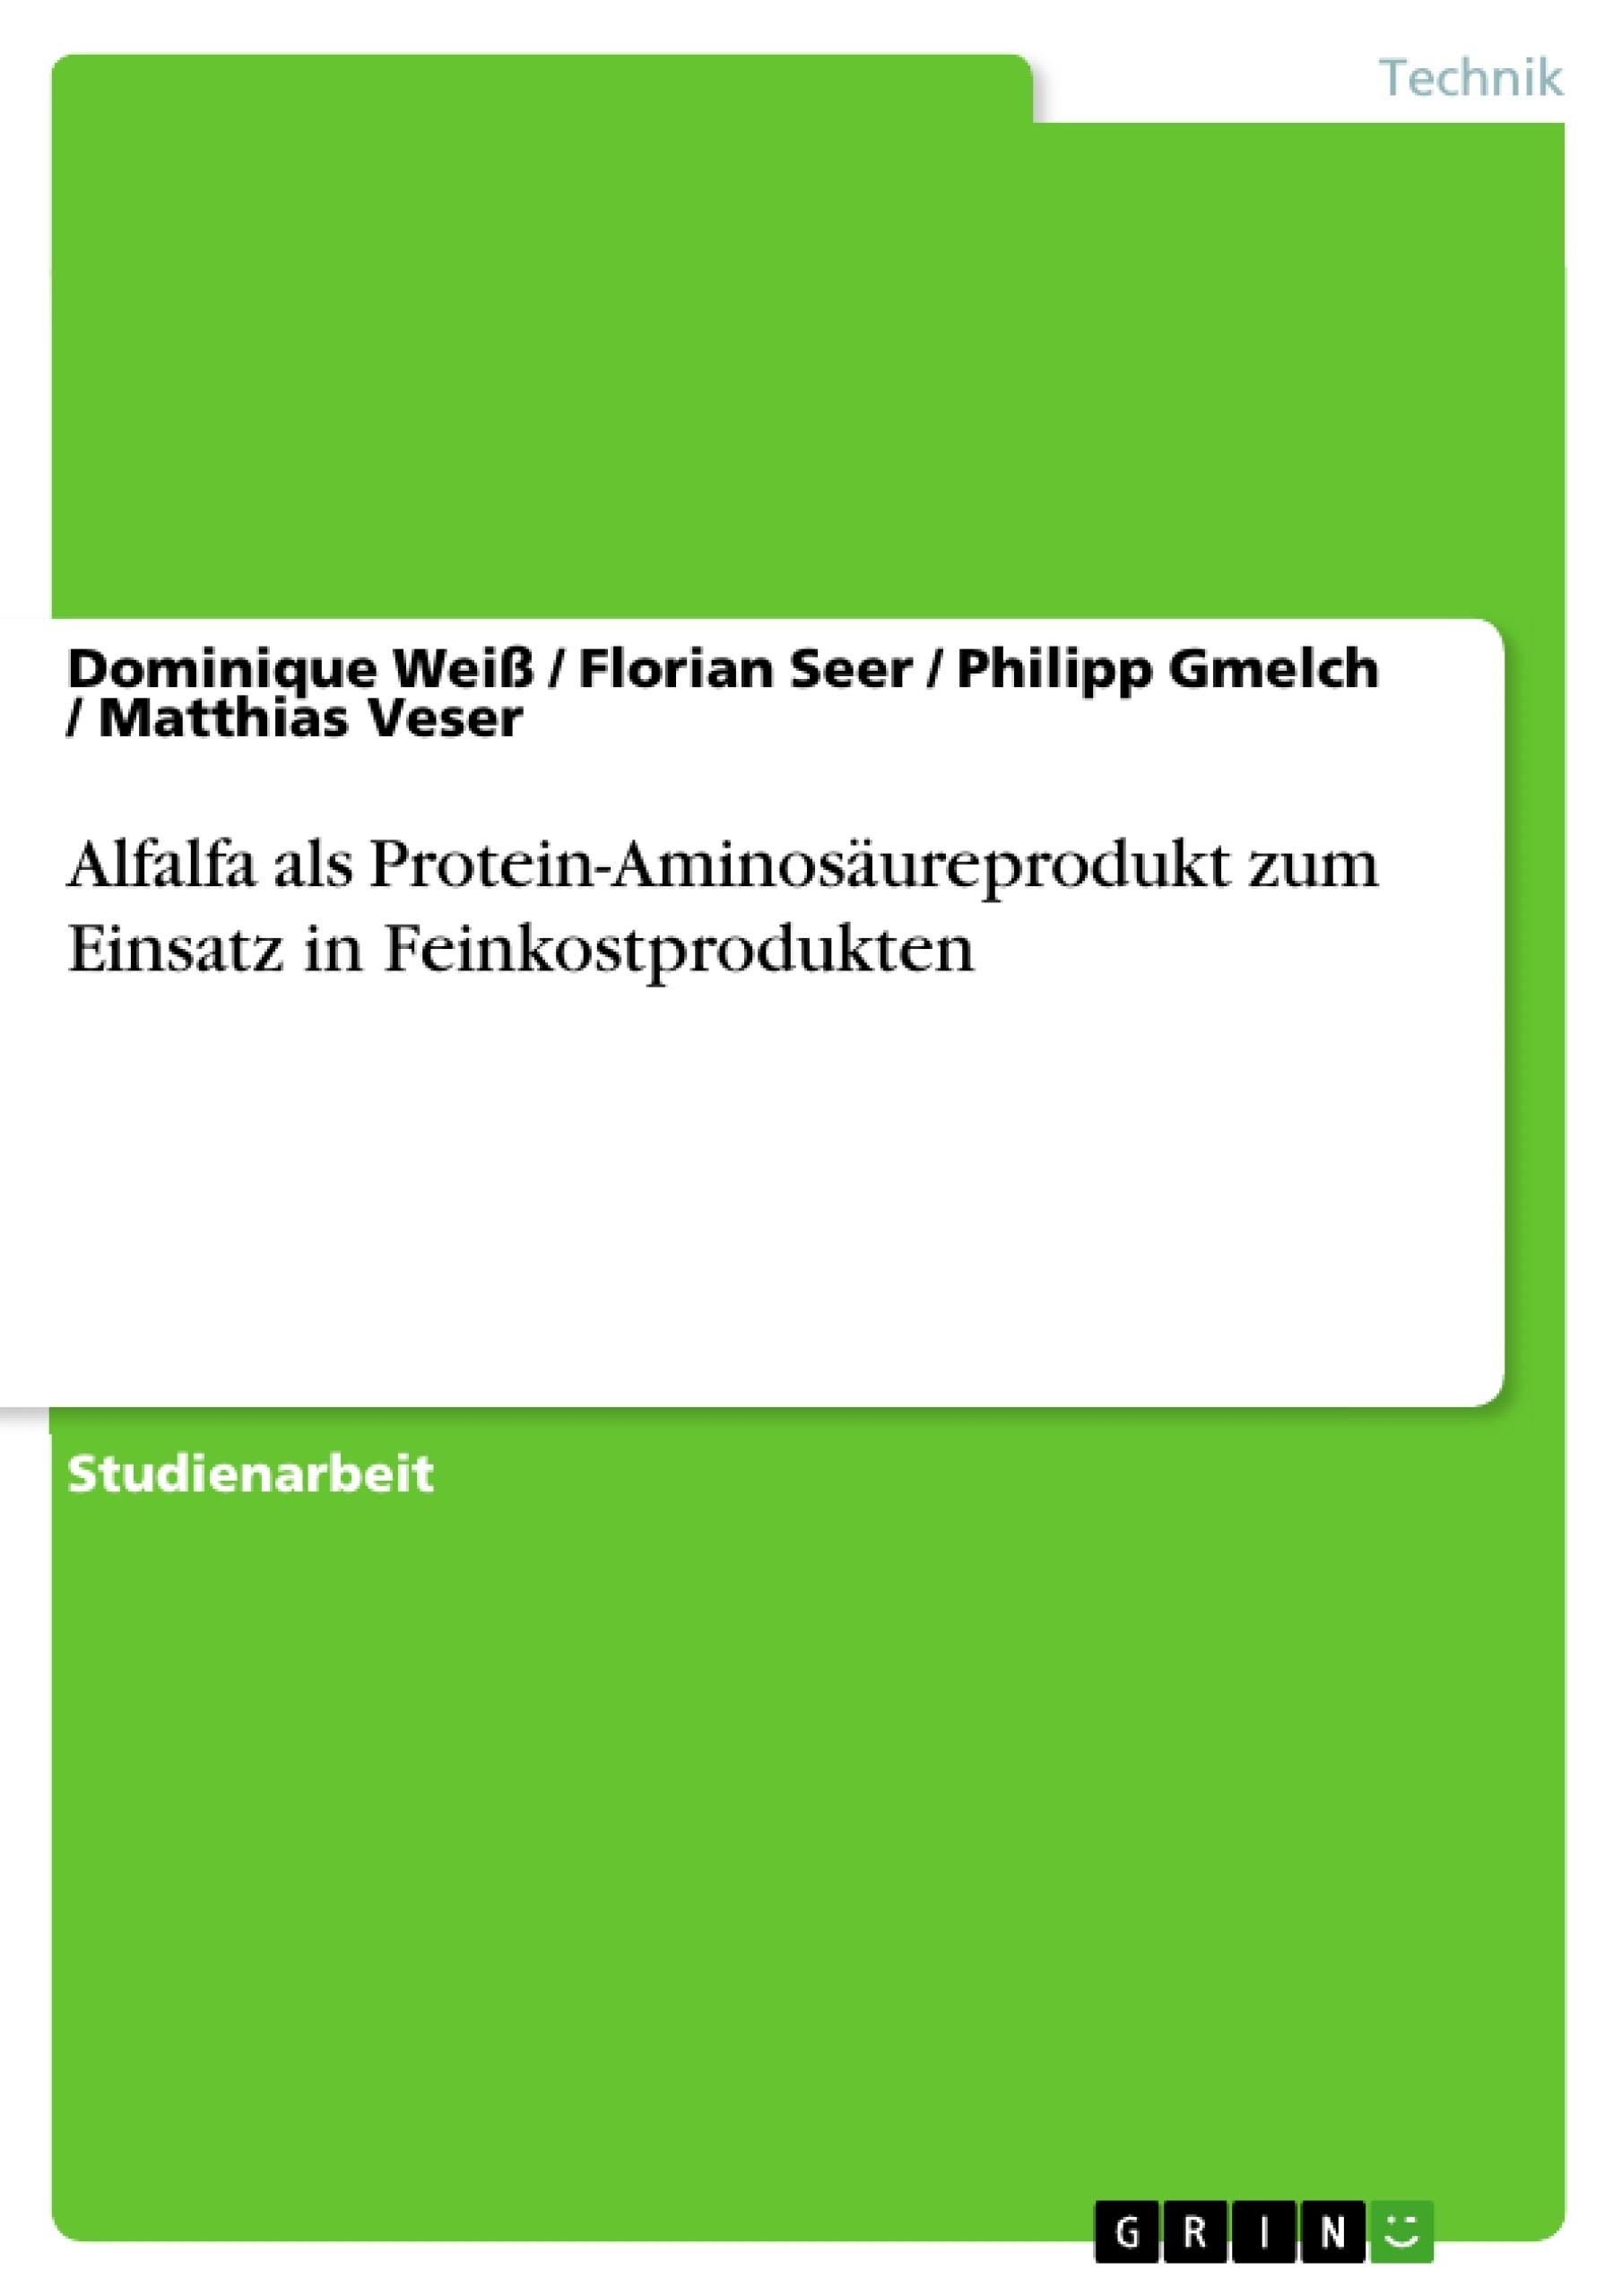 Titel: Alfalfa als Protein-Aminosäureprodukt zum Einsatz in Feinkostprodukten